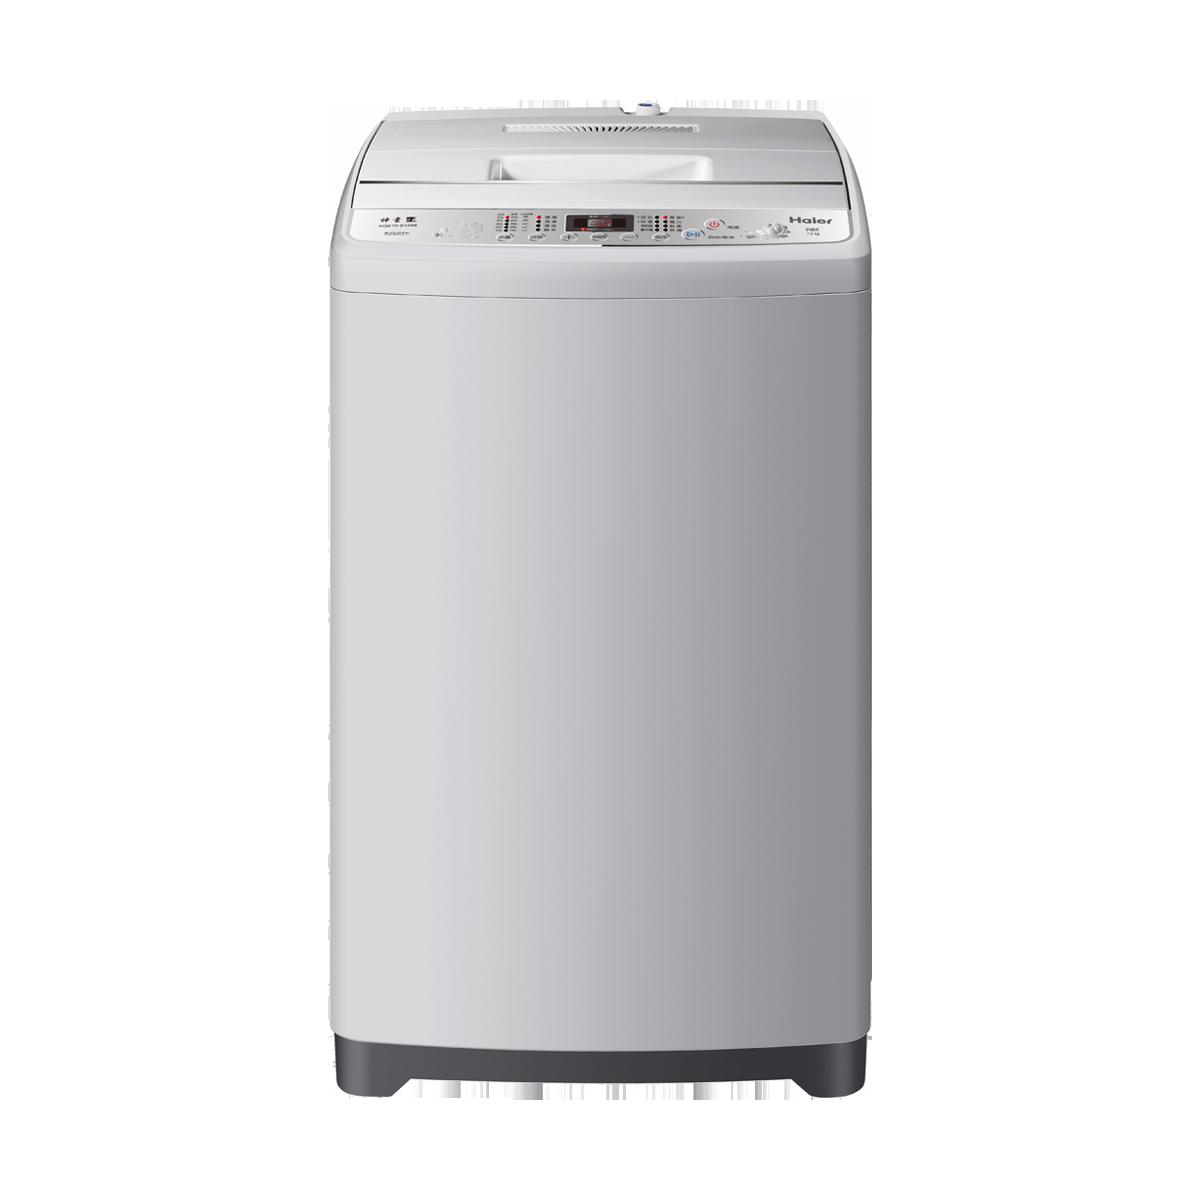 海尔Haier洗衣机 XQB70-S1268 说明书